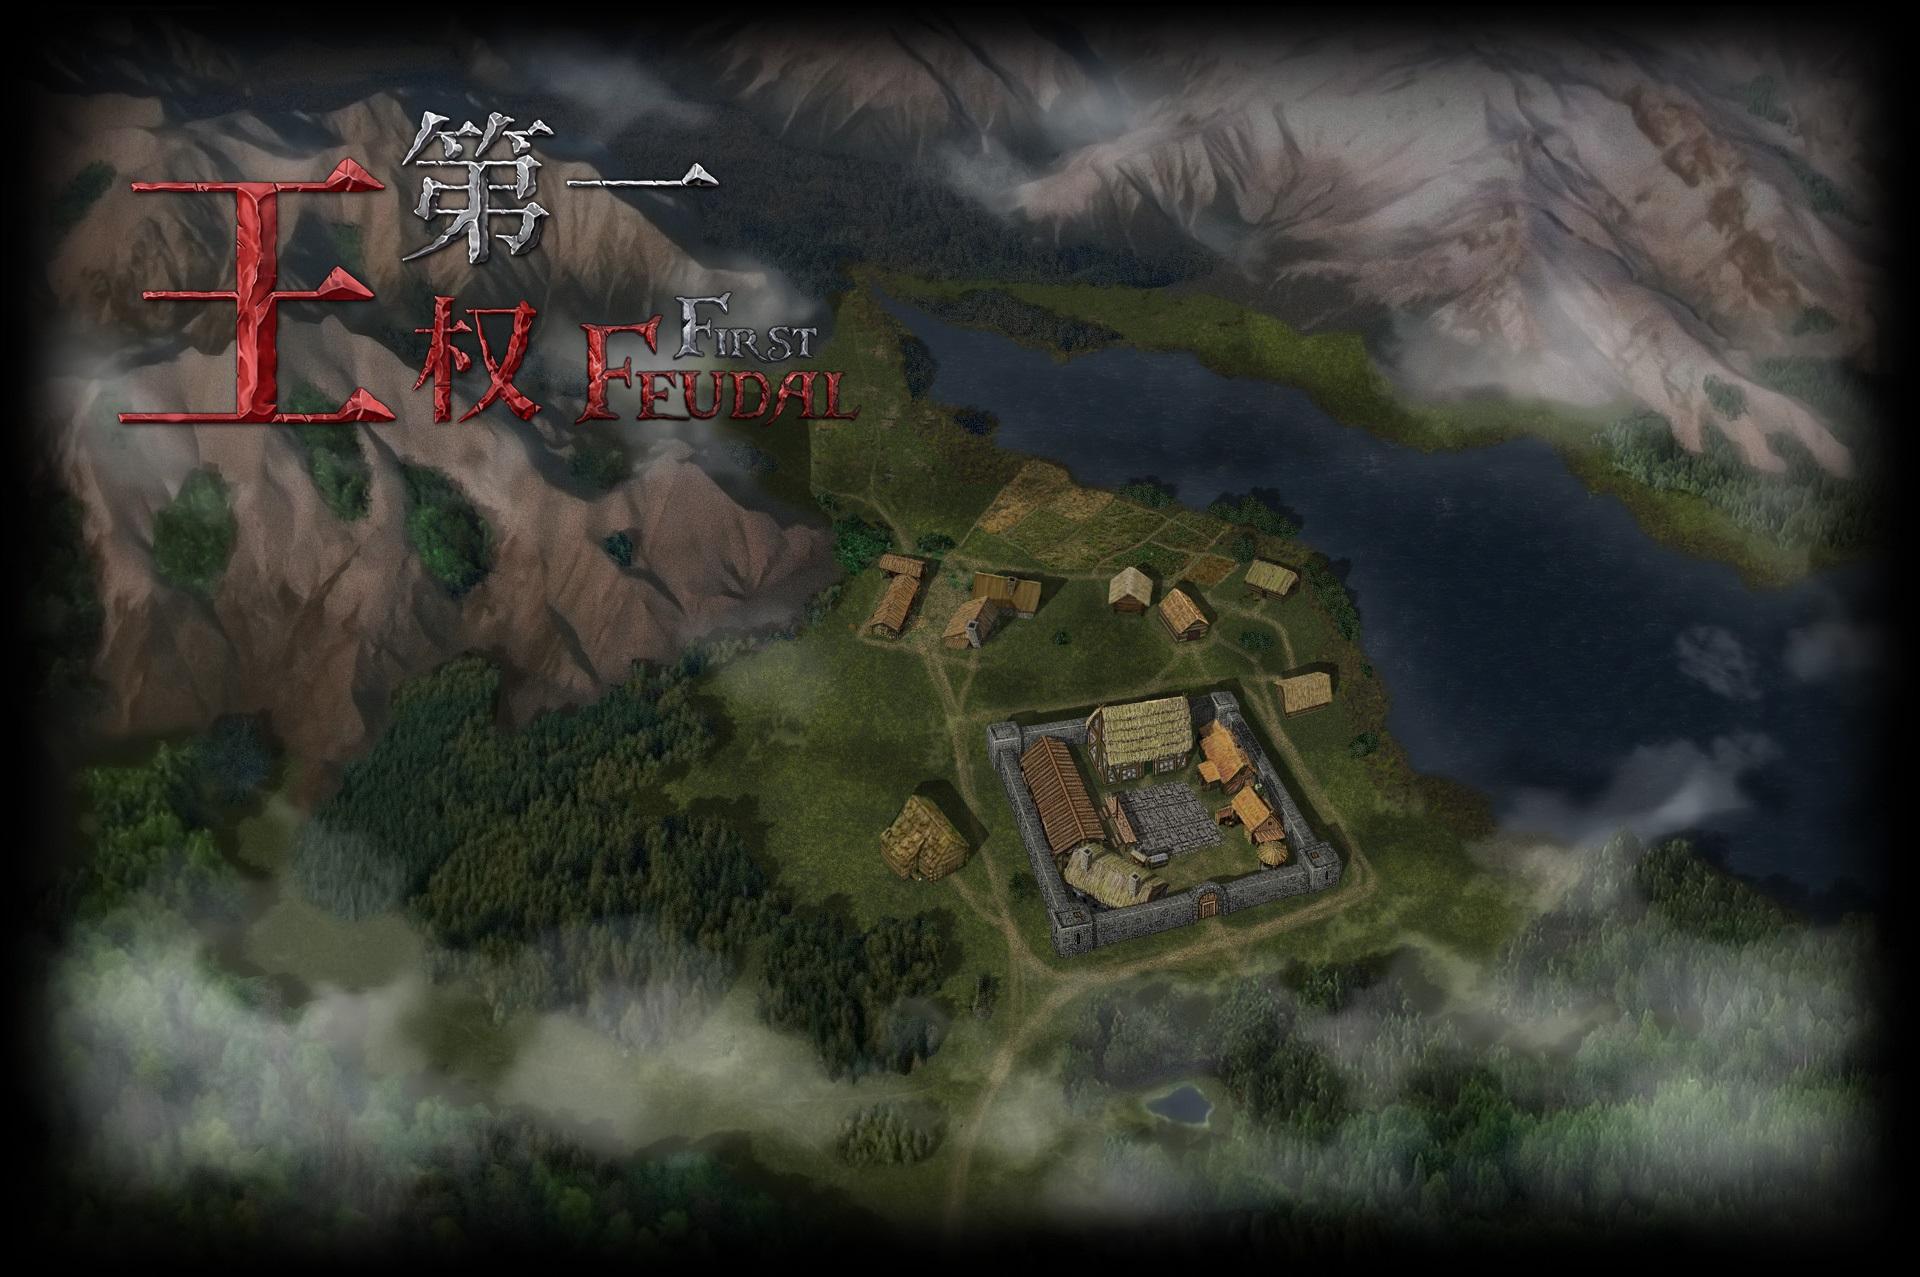 中世纪模拟经营游戏《第一王权》4月8日结束抢先体验